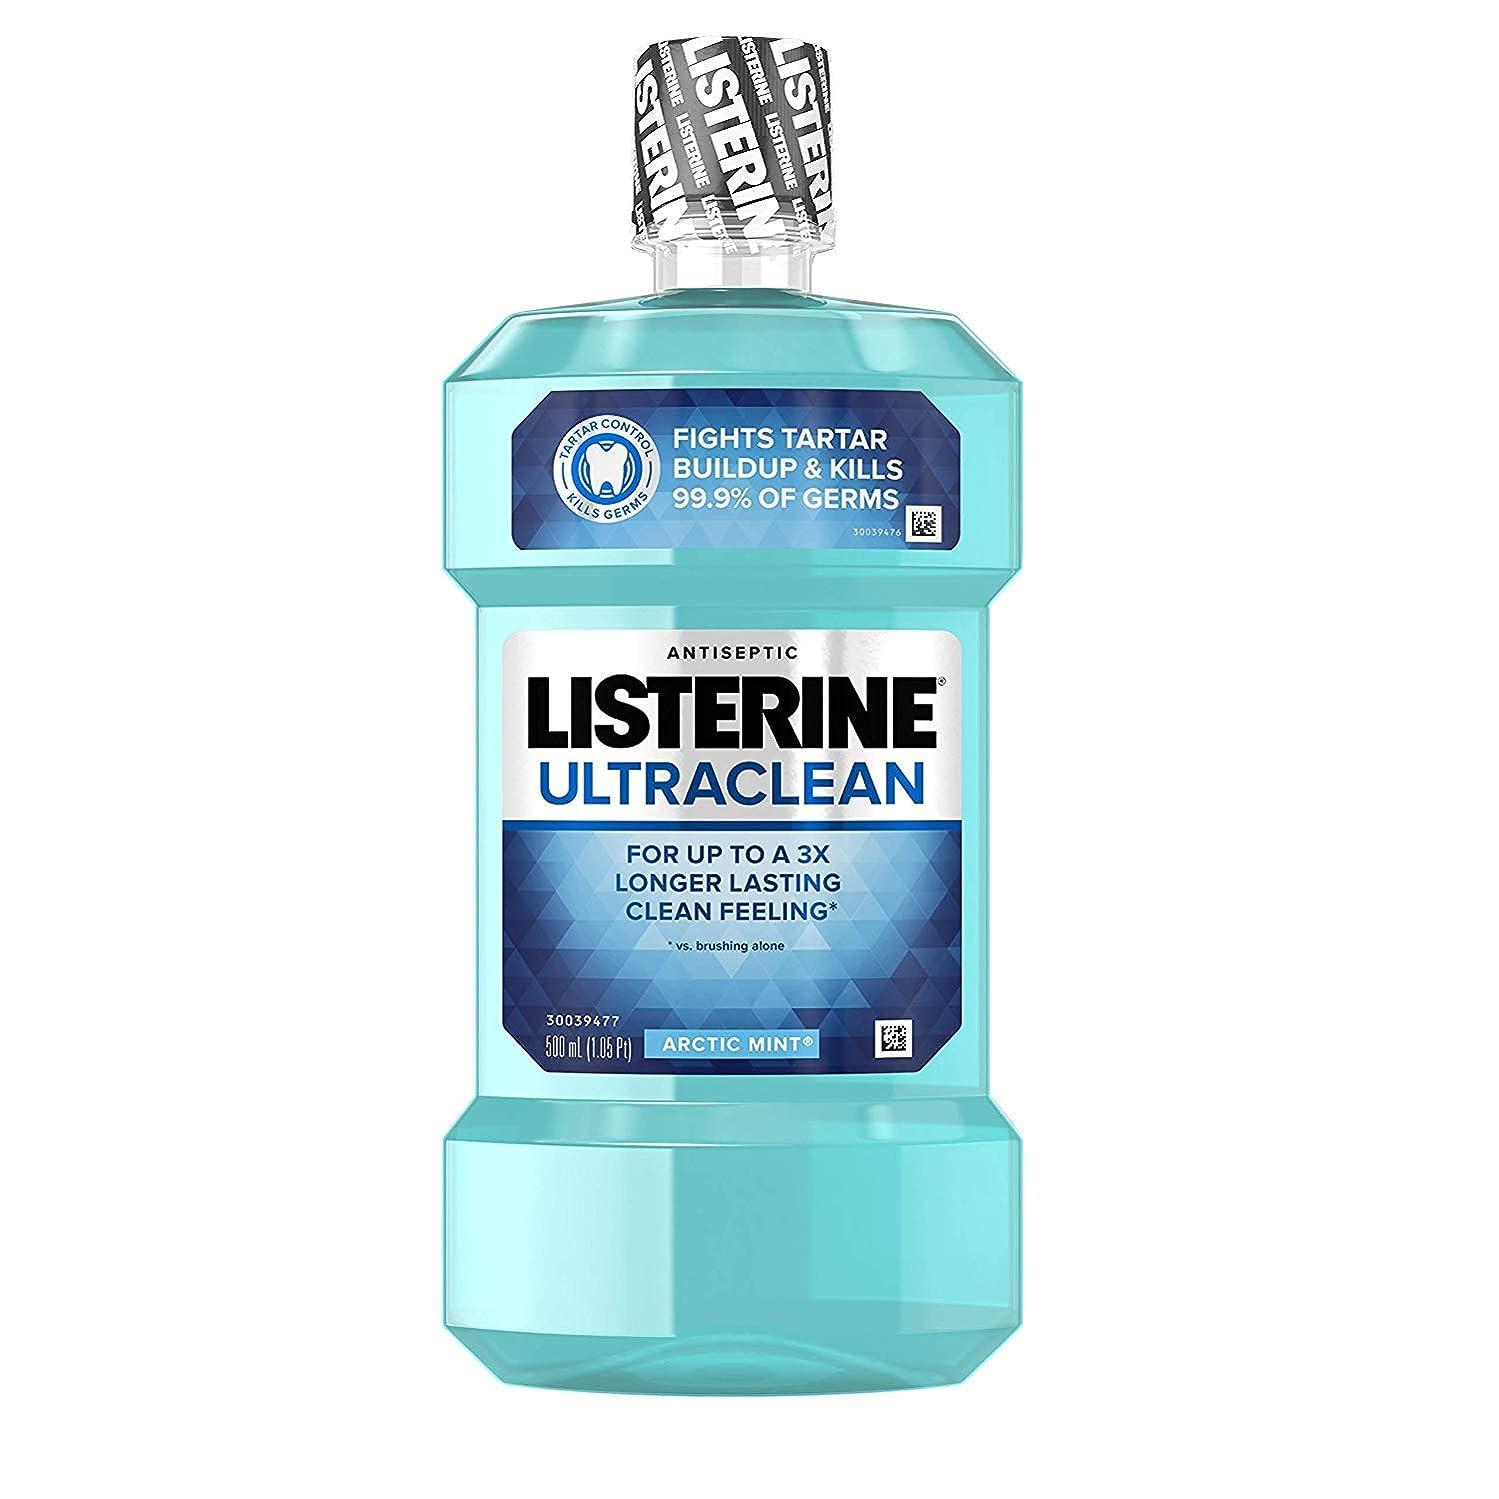 ぼかしゼロ早熟Listerine ウルトラクリーン消毒うがい薬北極ミント - 16.9オズ、6パック